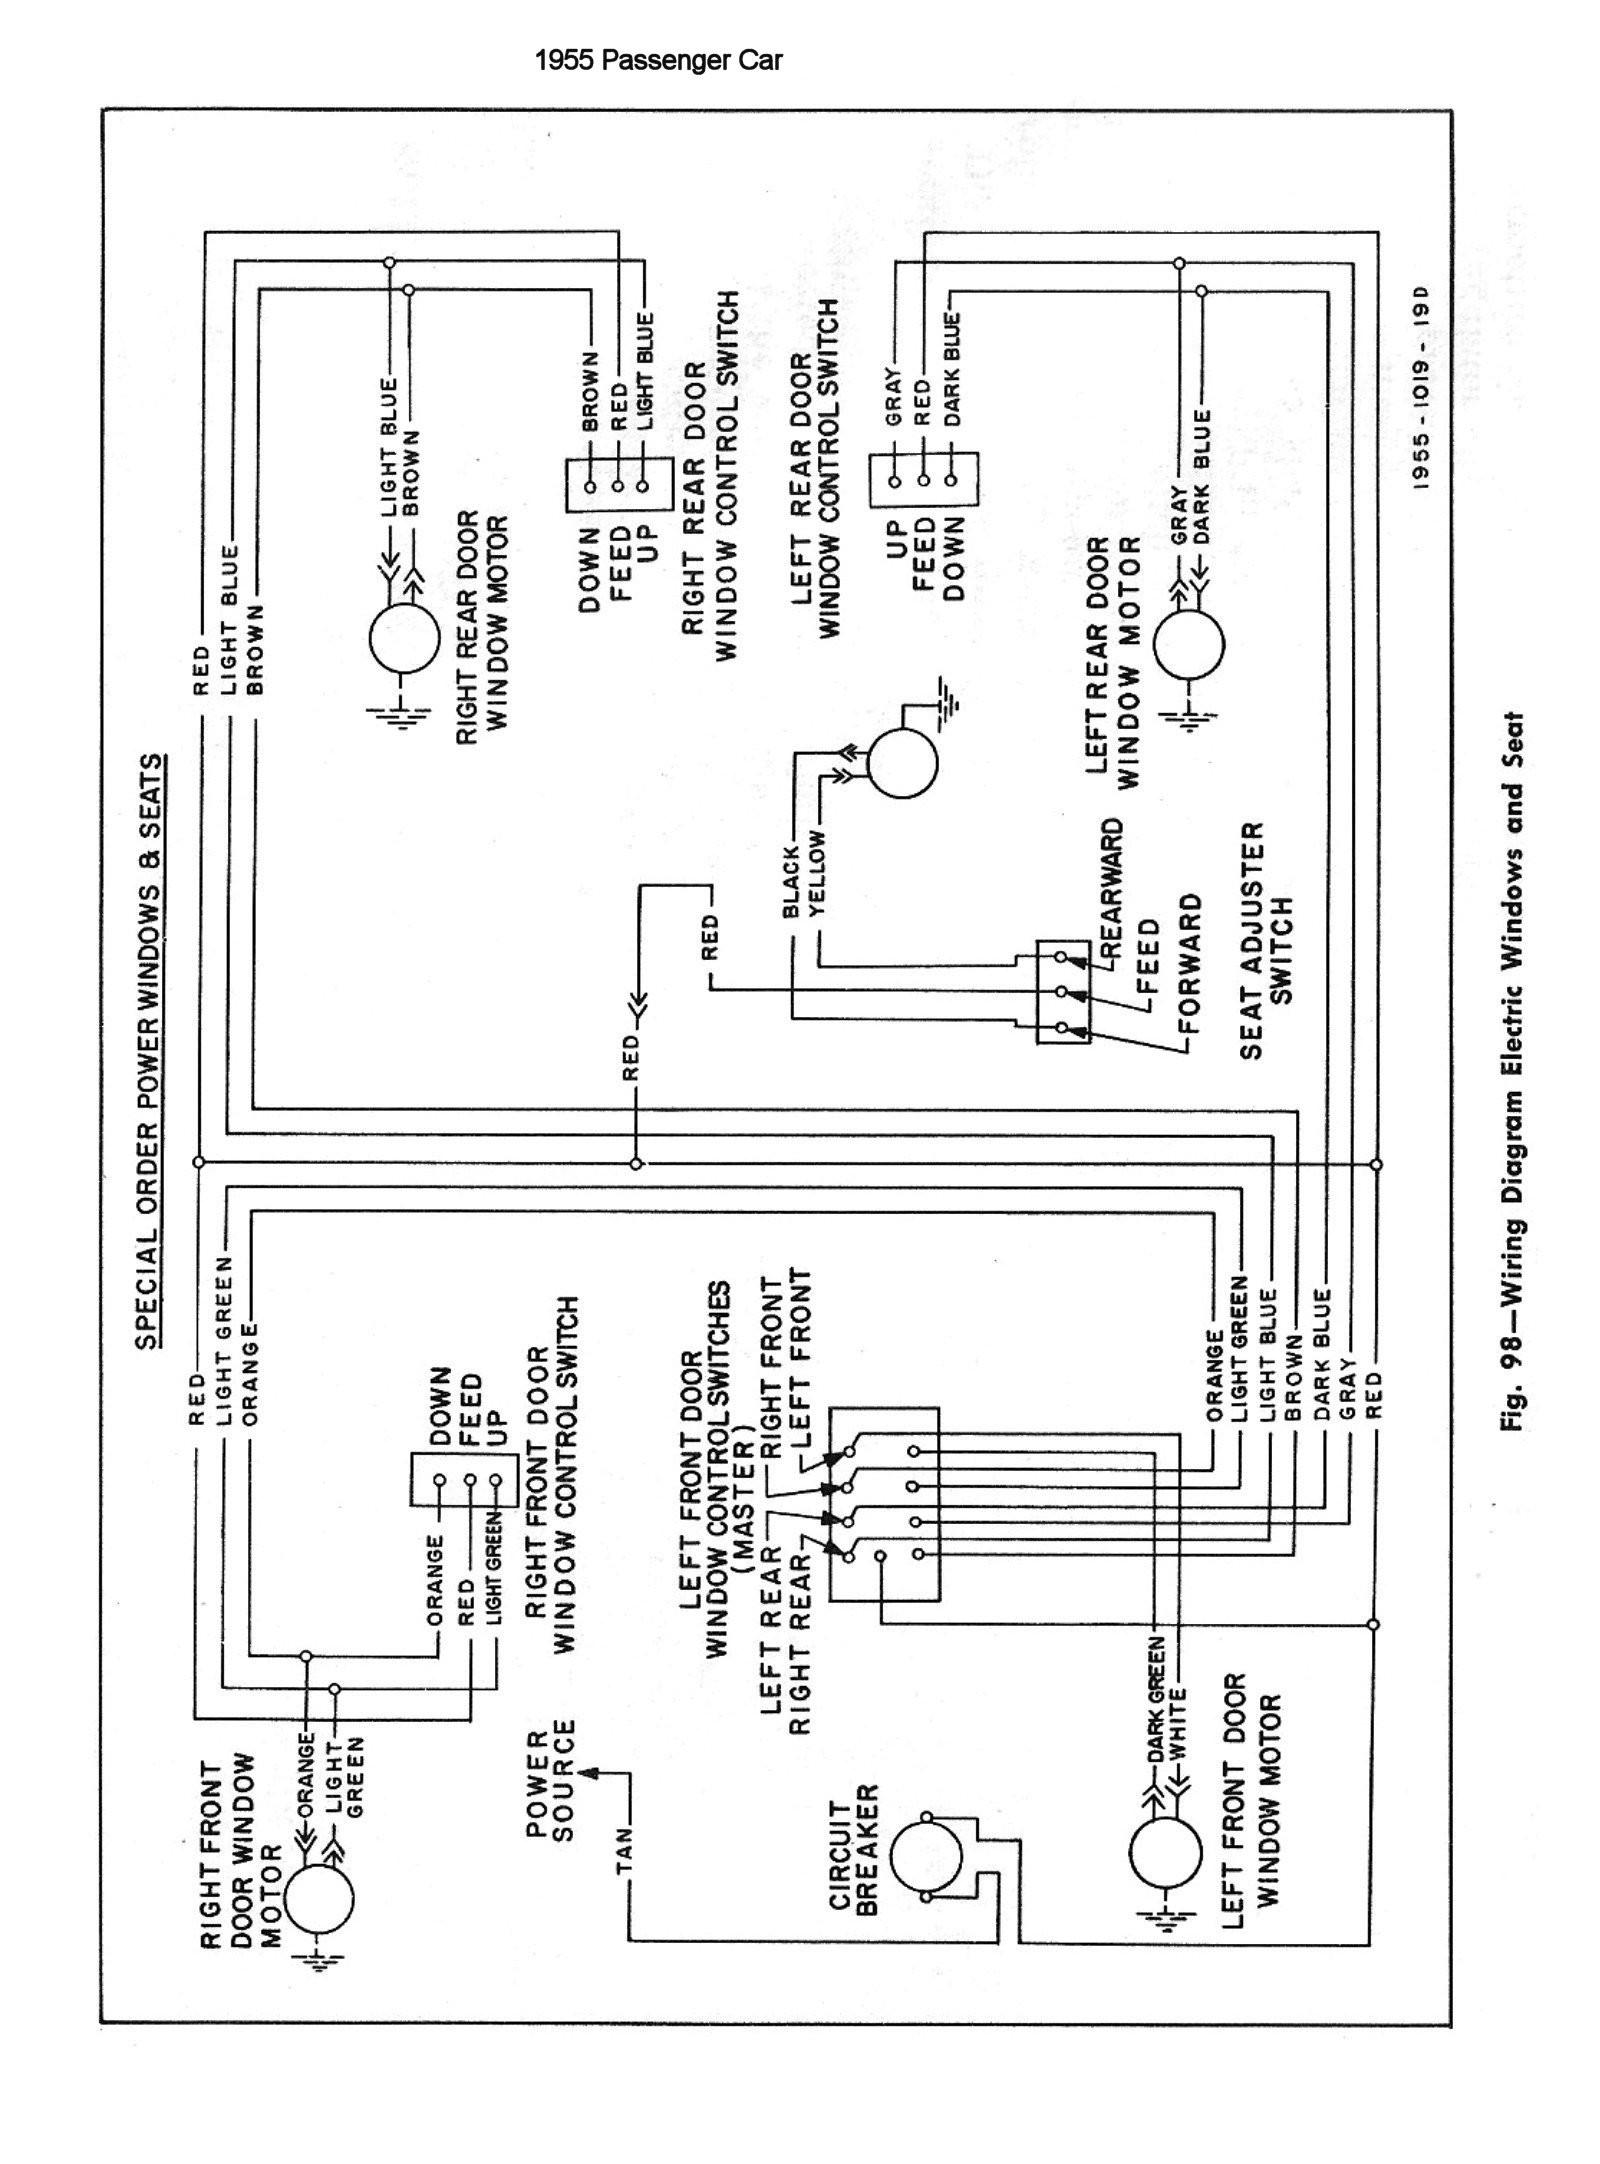 1979 chevy truck wiring diagram hino 500 1994 brake light c10